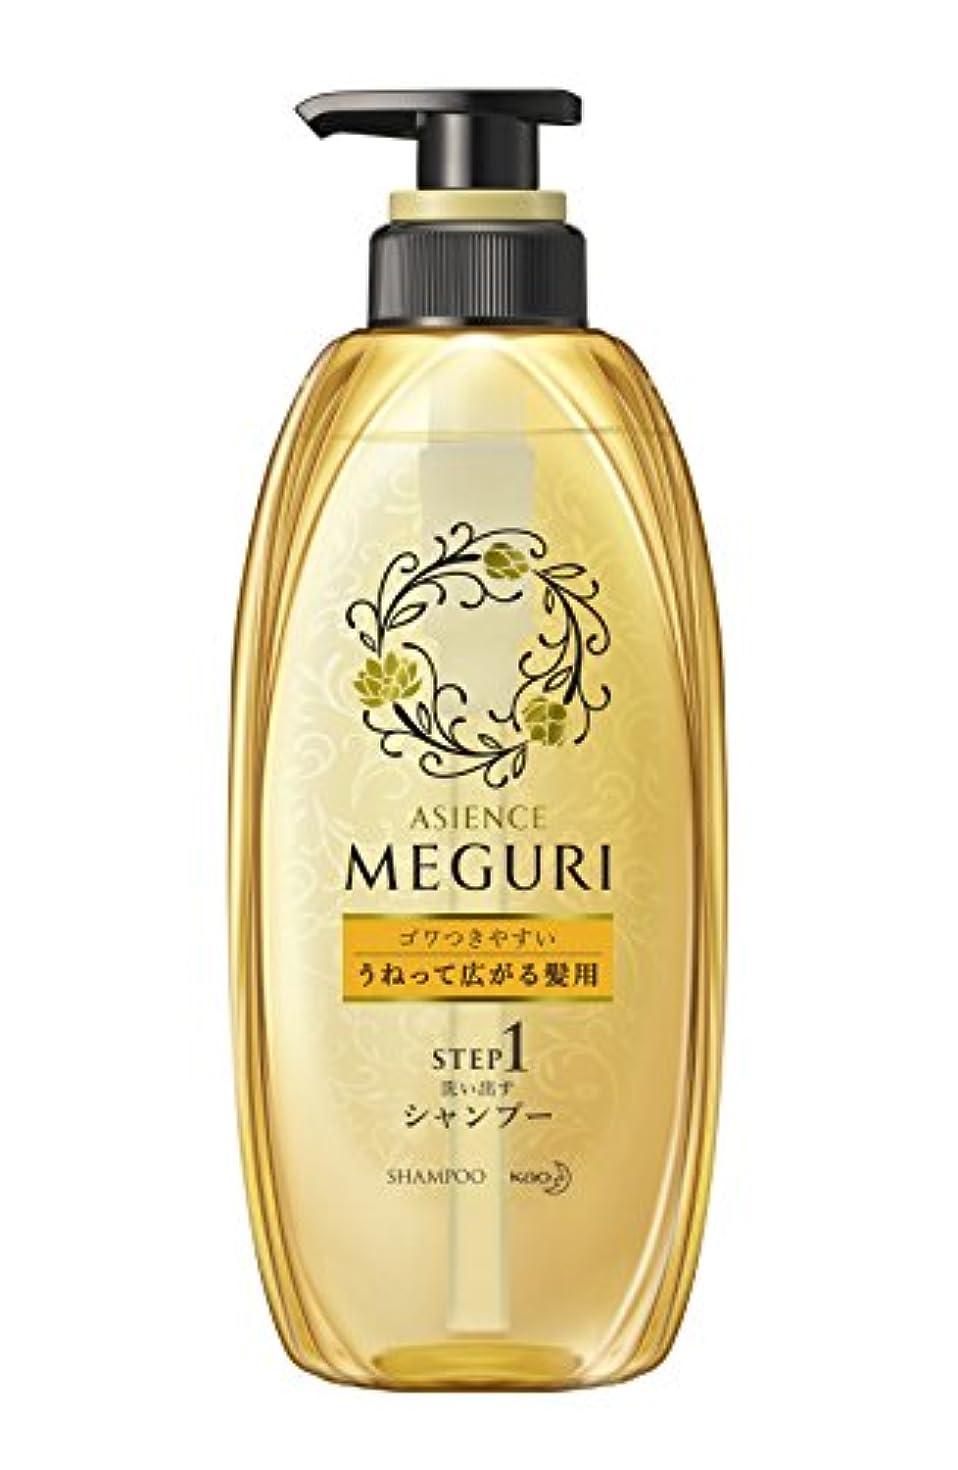 気を散らすストラトフォードオンエイボン列車アジエンスMEGURI 洗い出すシャンプー ゴワつきやすい うねって広がる髪用 本体